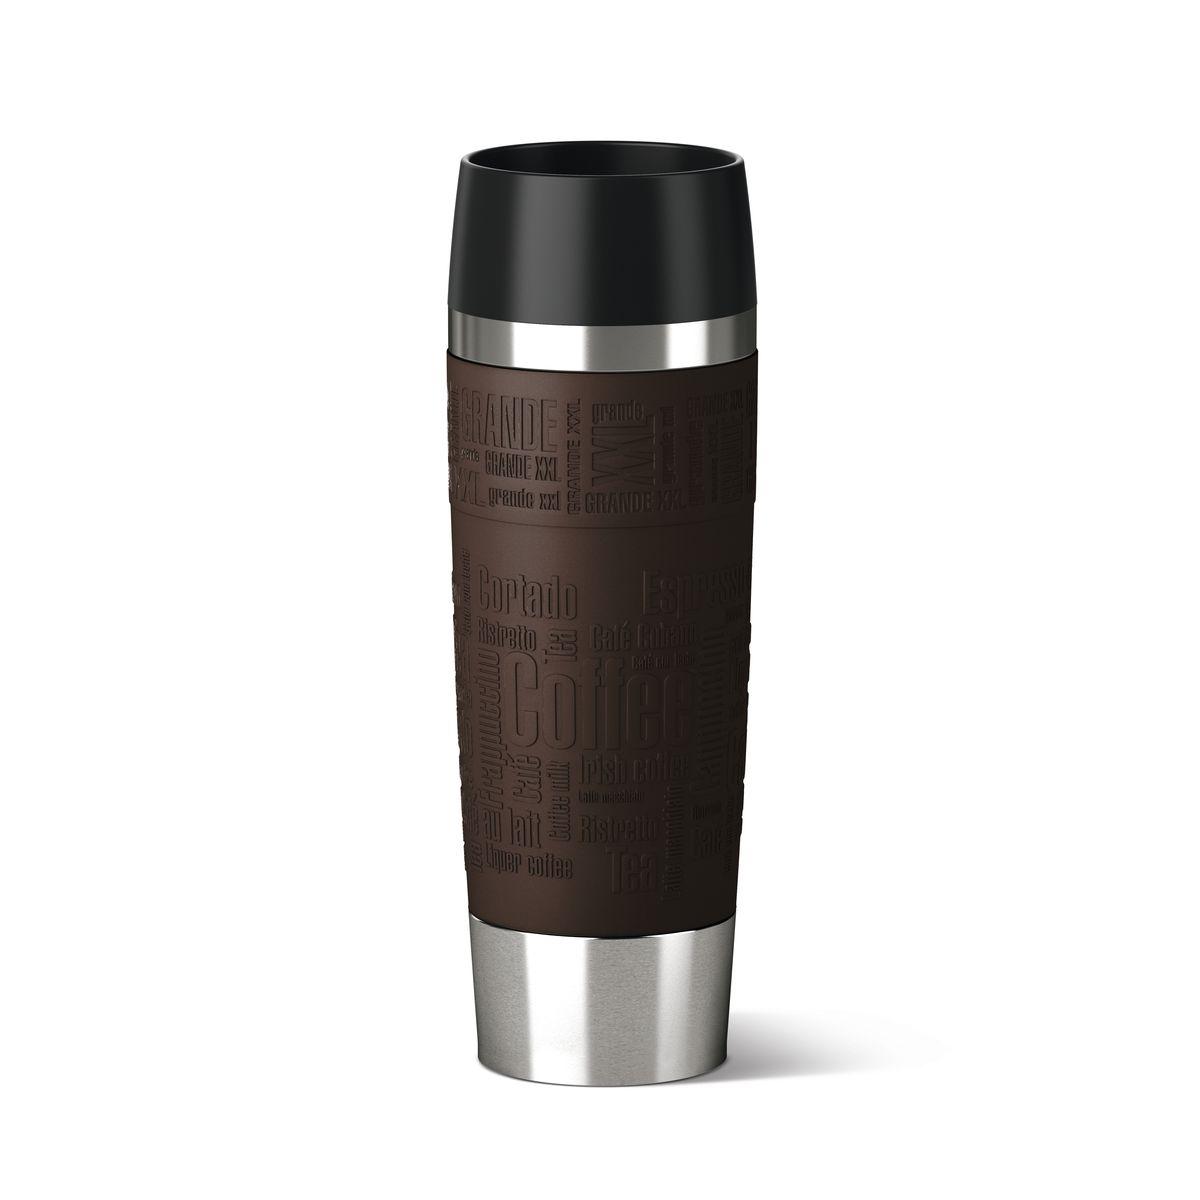 Термокружка Emsa Travel Mug Grande, цвет: коричневый, стальной, 500 млVT-1520(SR)Термокружка Emsa Travel Mug Grande - это идеальный попутчик в дороге - не важно, по пути ли на работу, в школу или во время похода по магазинам. Вакуумная кружка на 100 % герметична. Кружка имеет двустенную вакуумную колбу из нержавеющей стали, благодаря чему температура жидкости сохраняется долгое время. Кружку удобно держать благодаря покрытию Soft Touch из силикона. Изделие открывается нажатием кнопки. Пробка разбирается и превосходно моется. Дно кружки выполнено из силикона, что препятствует скольжению.Диаметр кружки по верхнему краю: 7,5 см.Диаметр дна кружки: 6,5 см.Высота кружки: 24 см.Сохранение холодной температуры: 12 ч.Сохранение горячей температуры: 6 ч.